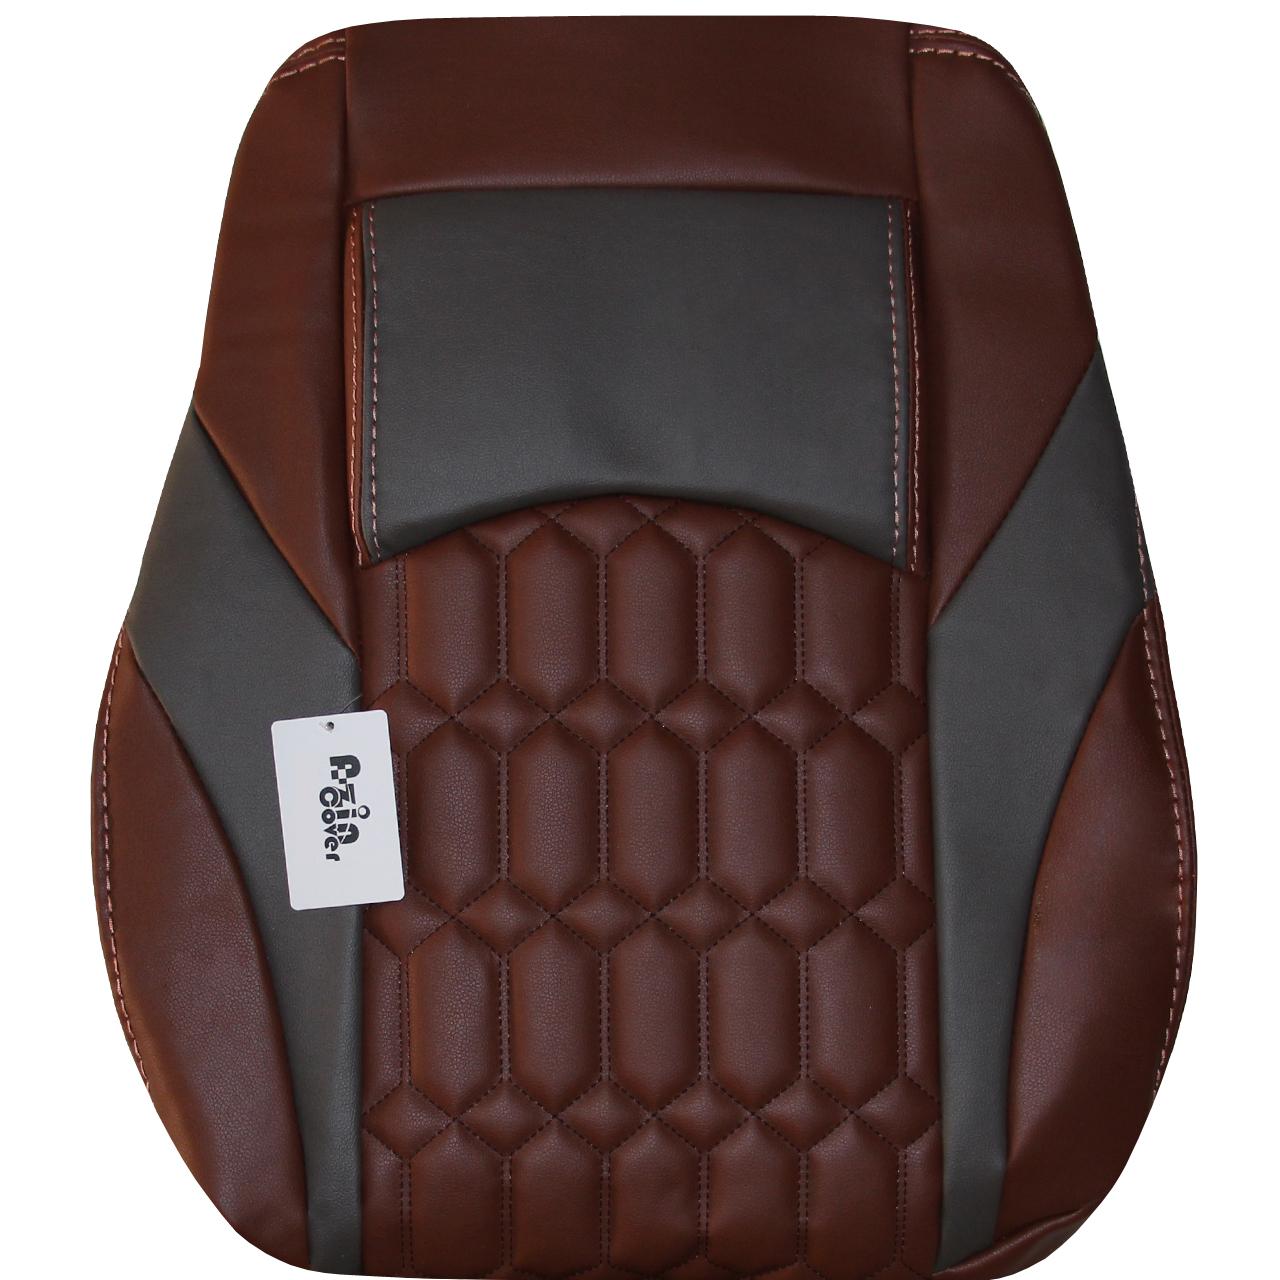 روکش صندلی خودرو آذین کاور کد AZ079 مناسب برای سمند